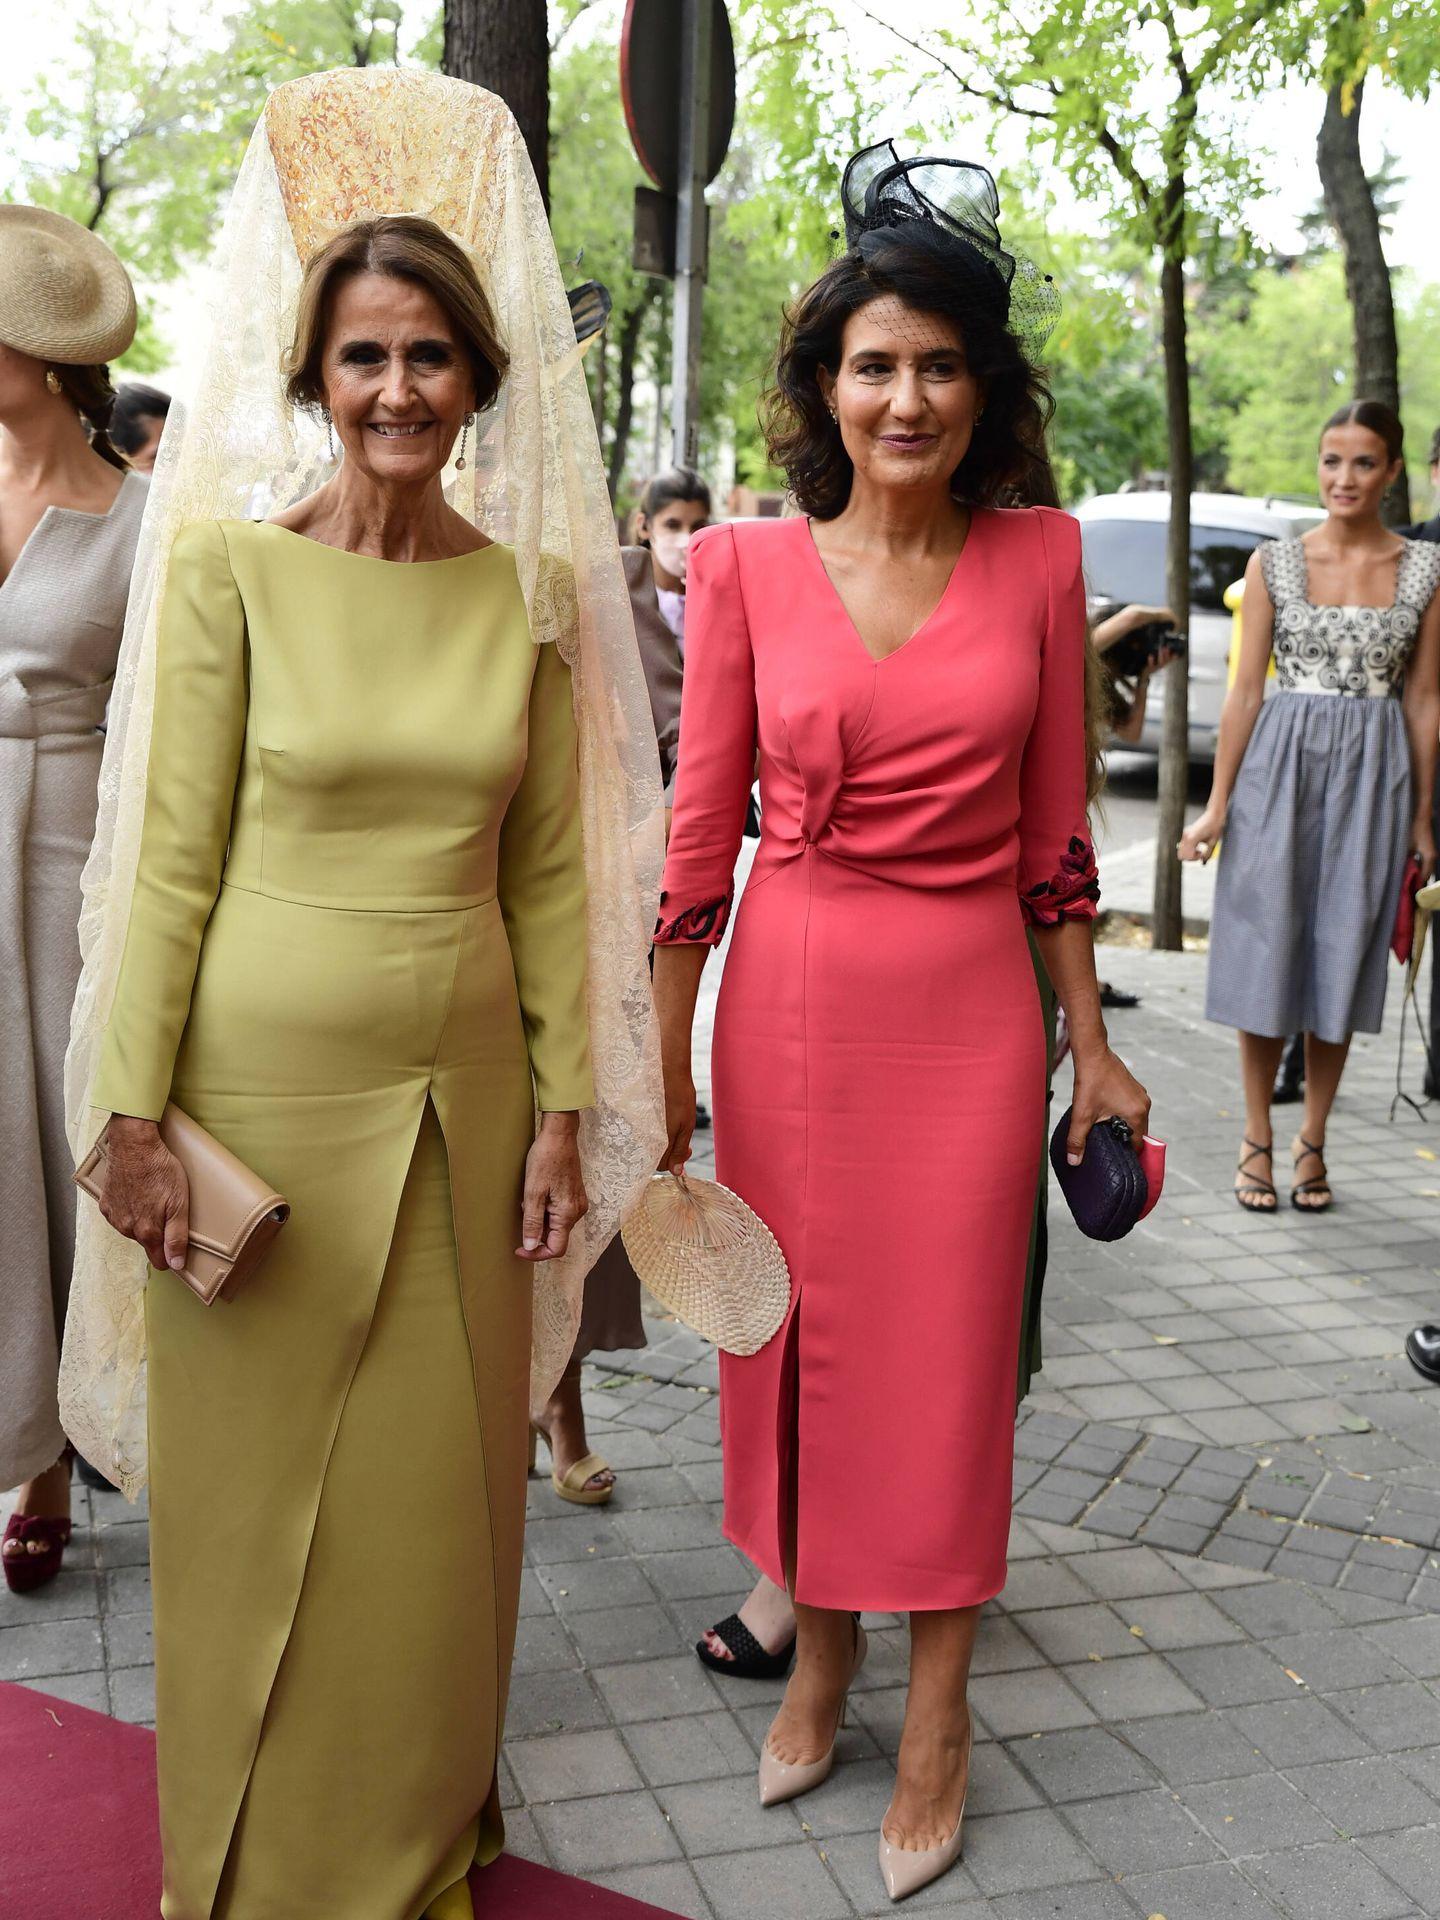 La madrina y la madre de la novia. (LP)